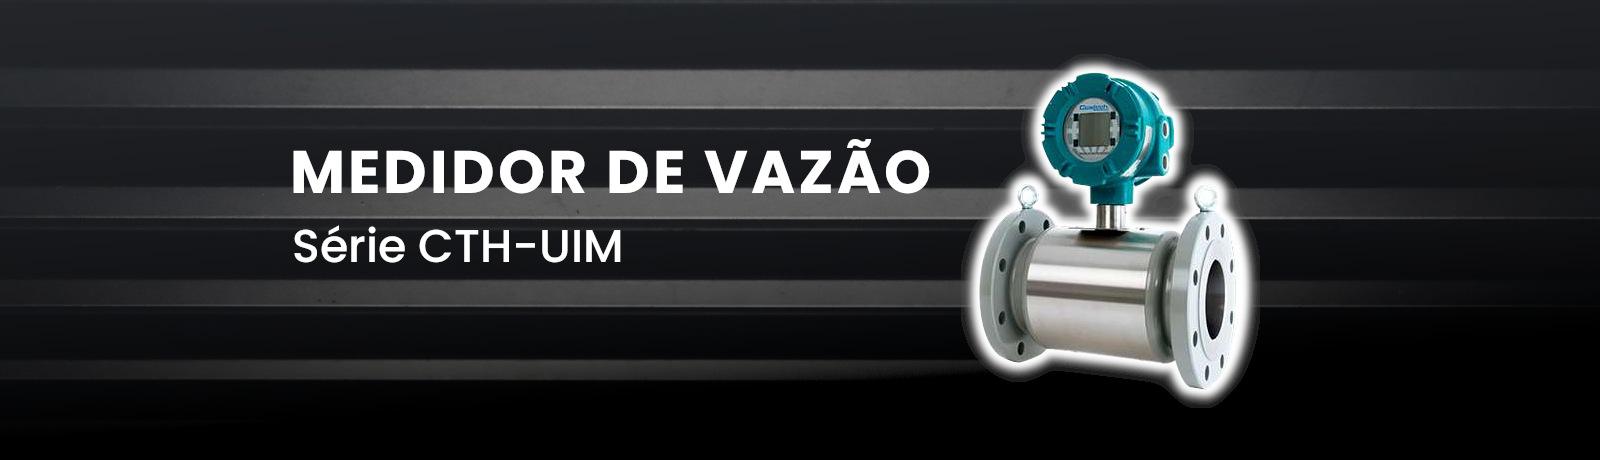 Medidor de vazão série CTH UIM